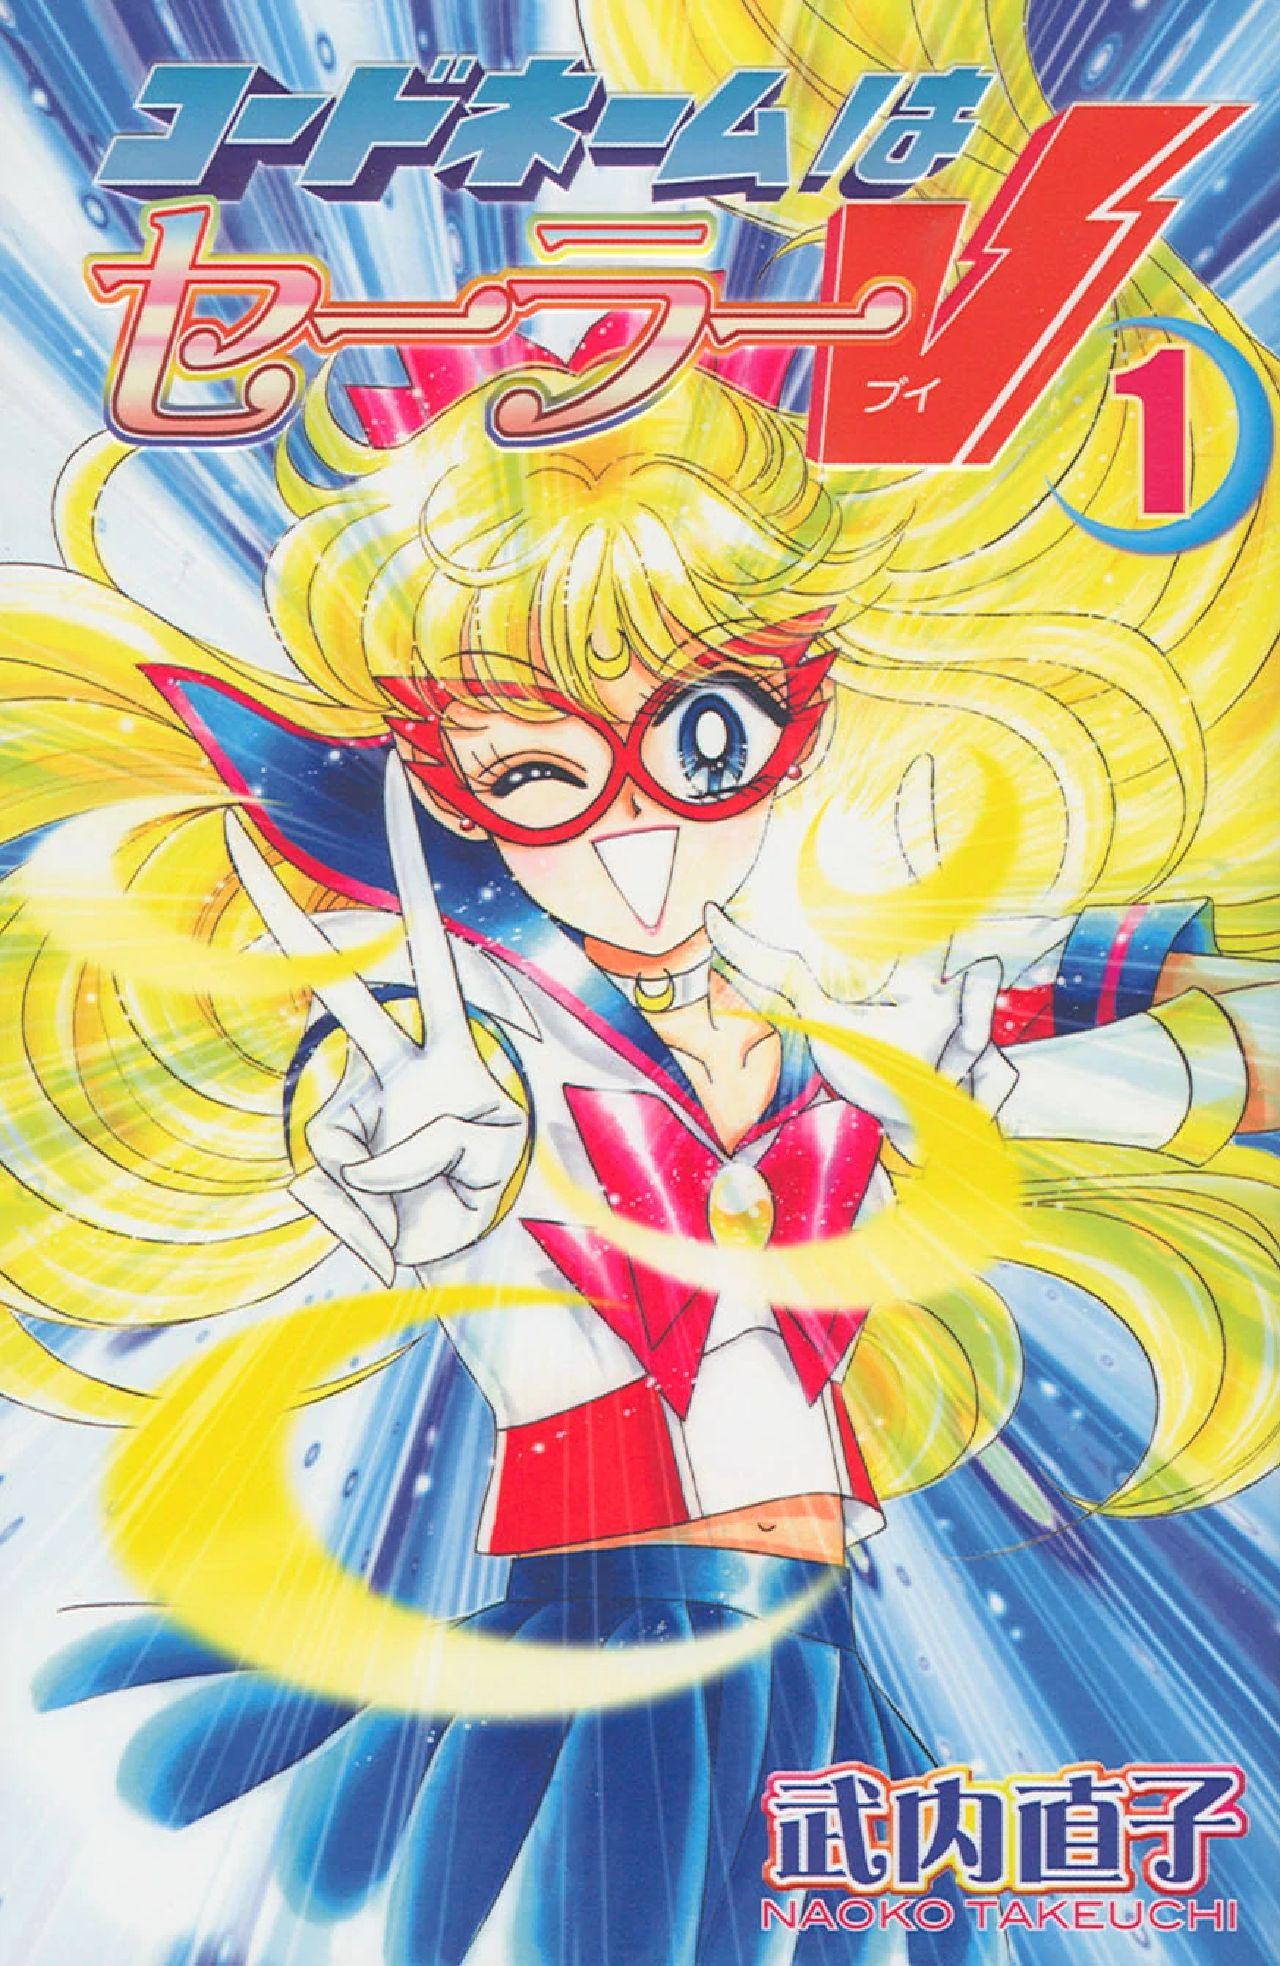 personajes de sailor moon code wa name sailor v